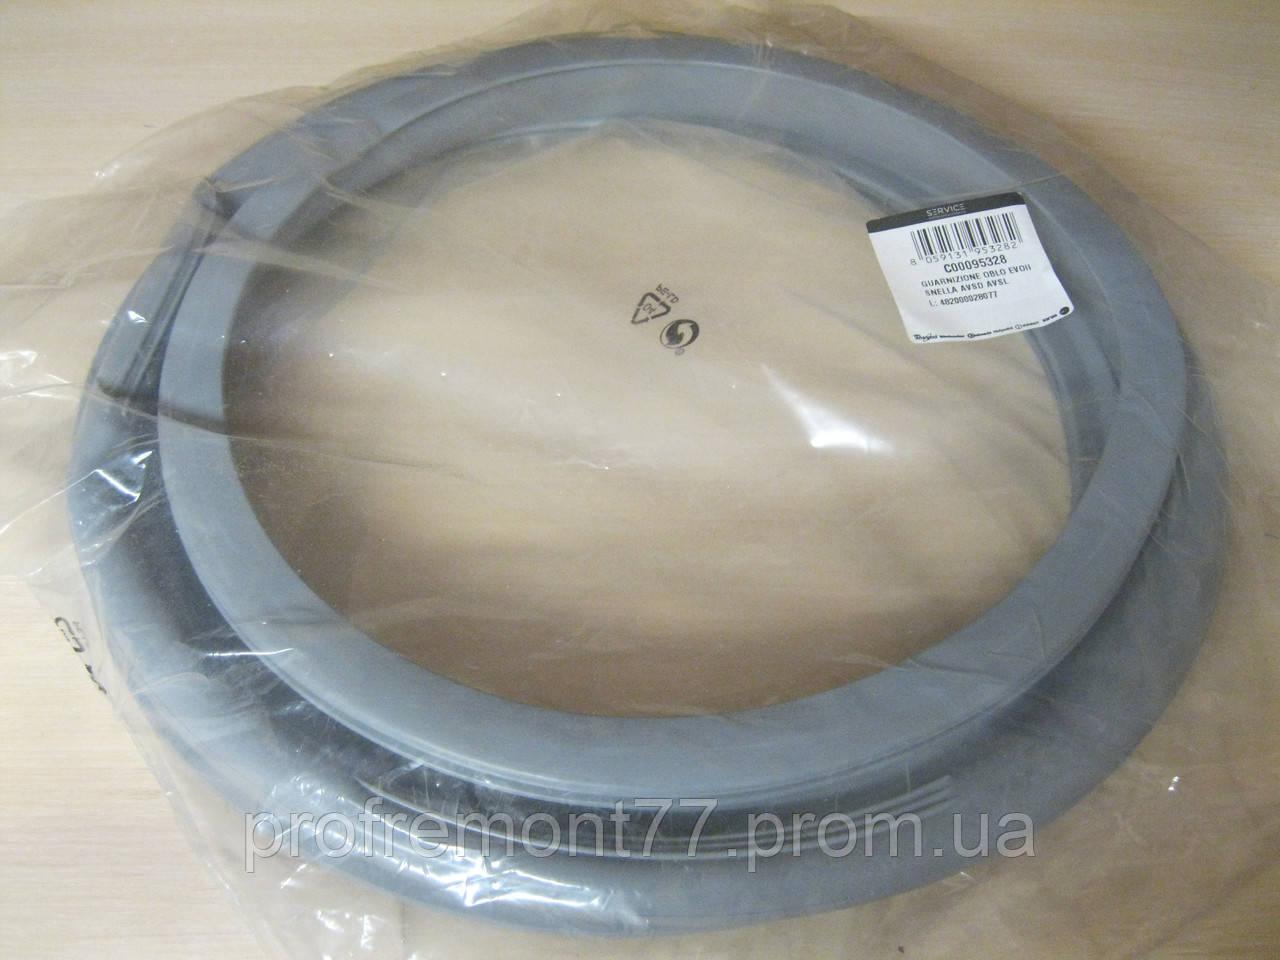 Резина люка Indesit-Ariston C00095328 оригинал  для стиральной машины